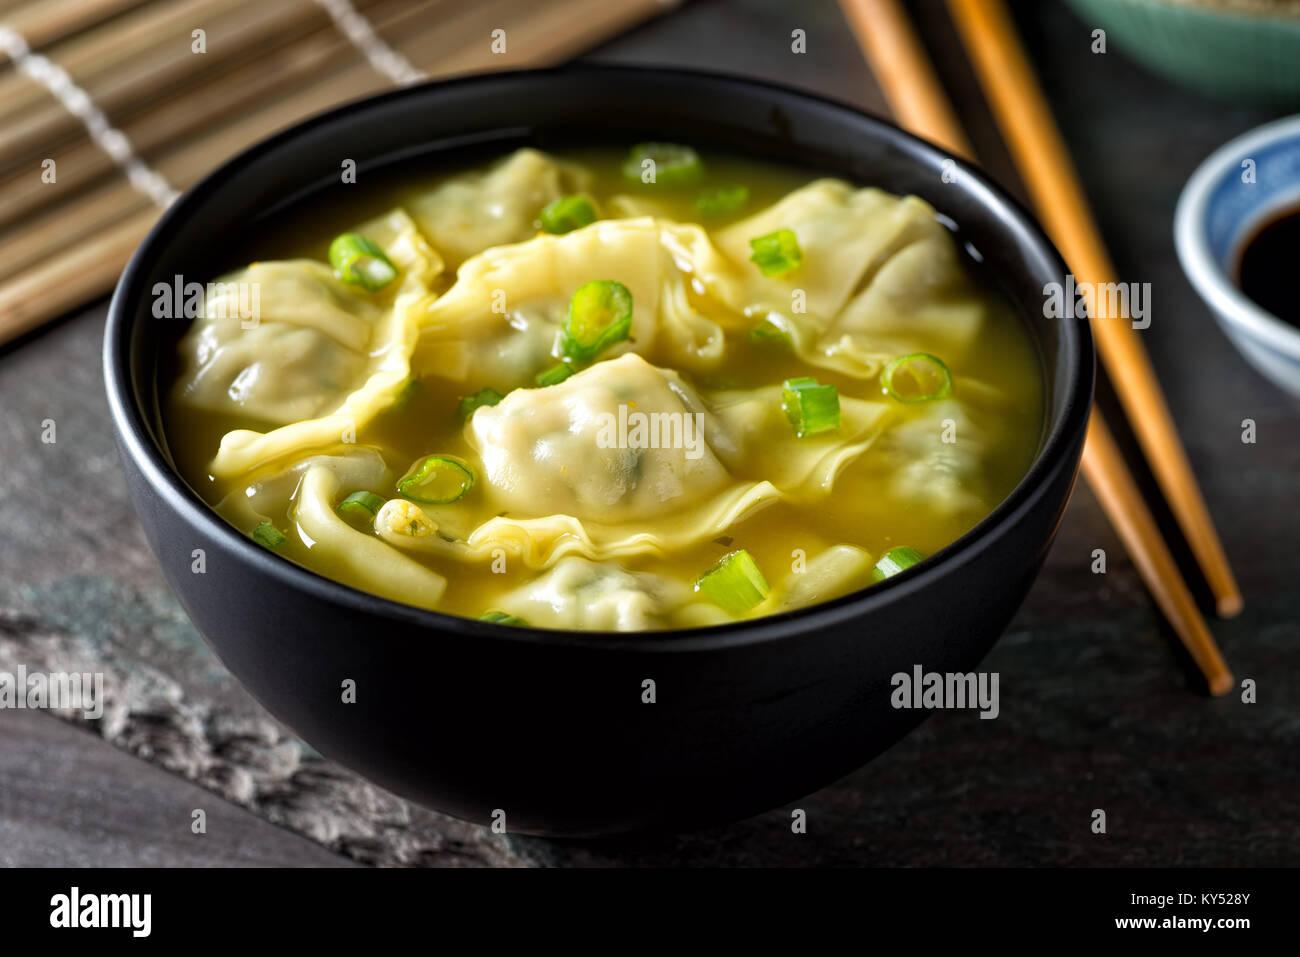 Eine Schüssel köstliche chinesische Wan-Tan-Suppe mit Frühlingszwiebeln garnieren. Stockbild